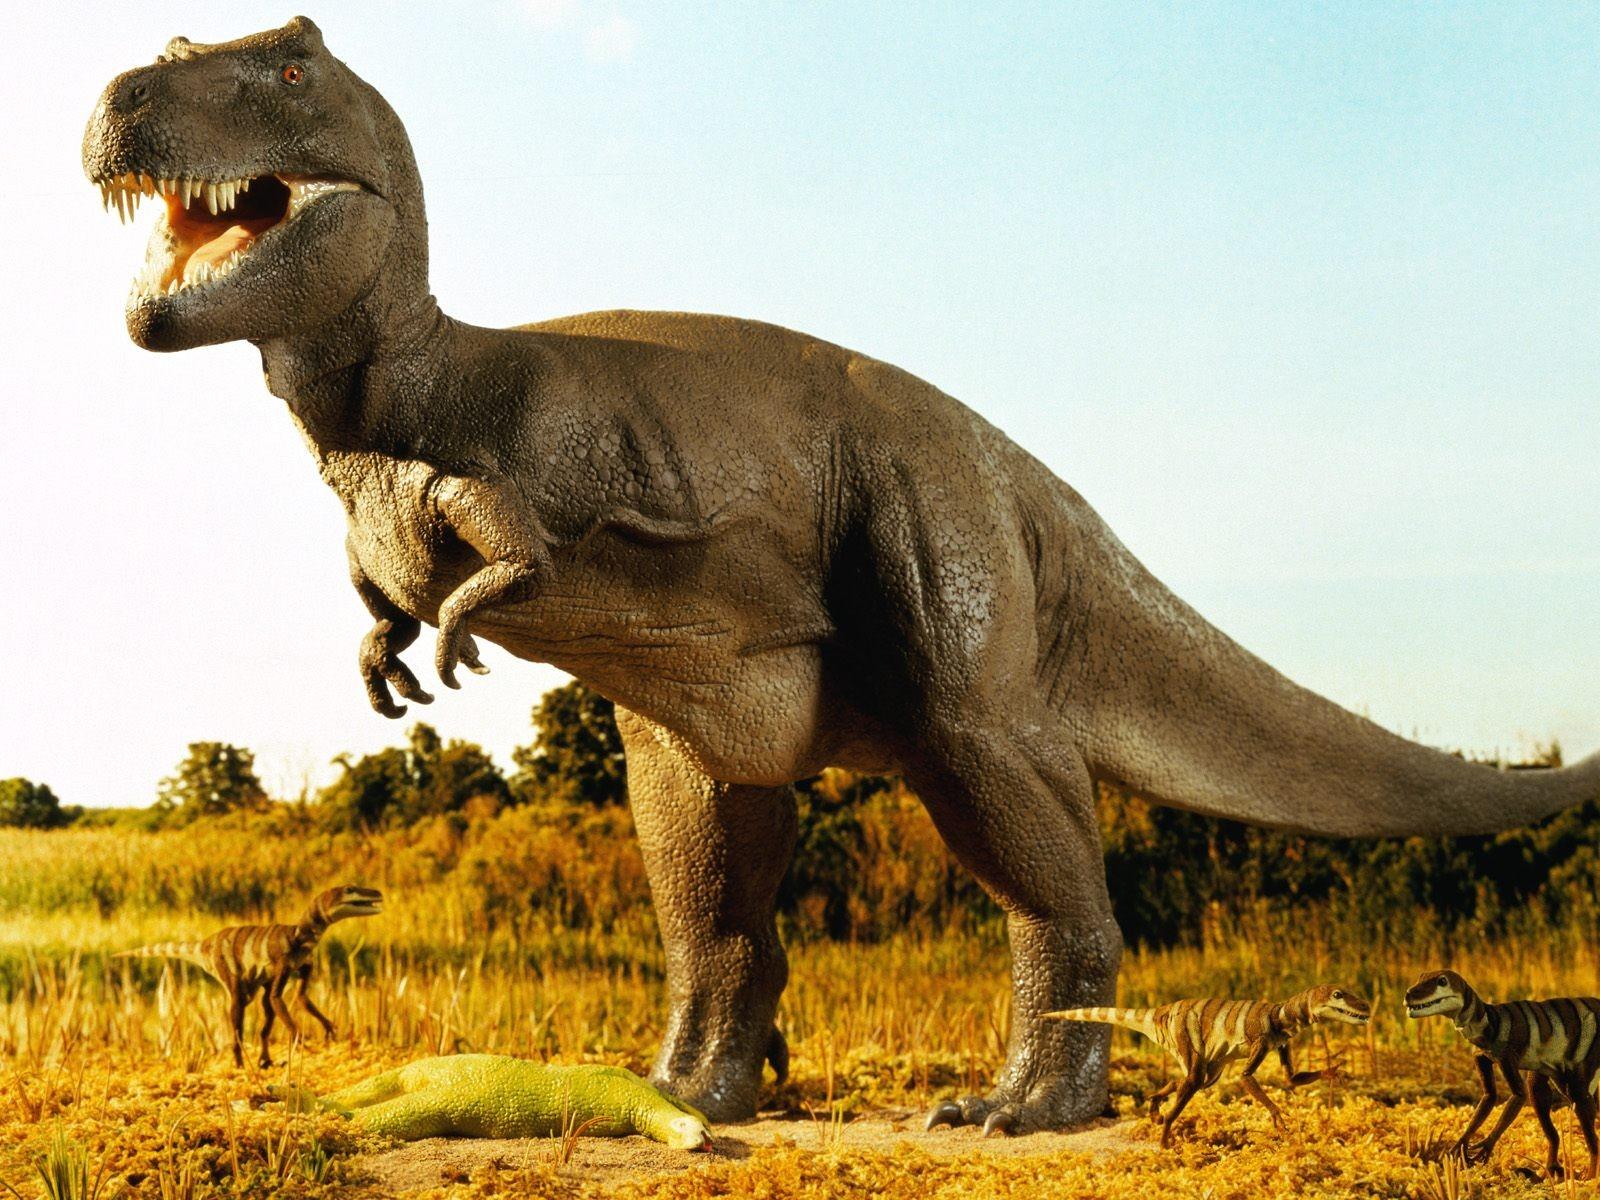 Amazing Dinosaur HD Desktop Wallpapers   Download Desktop 1600x1200